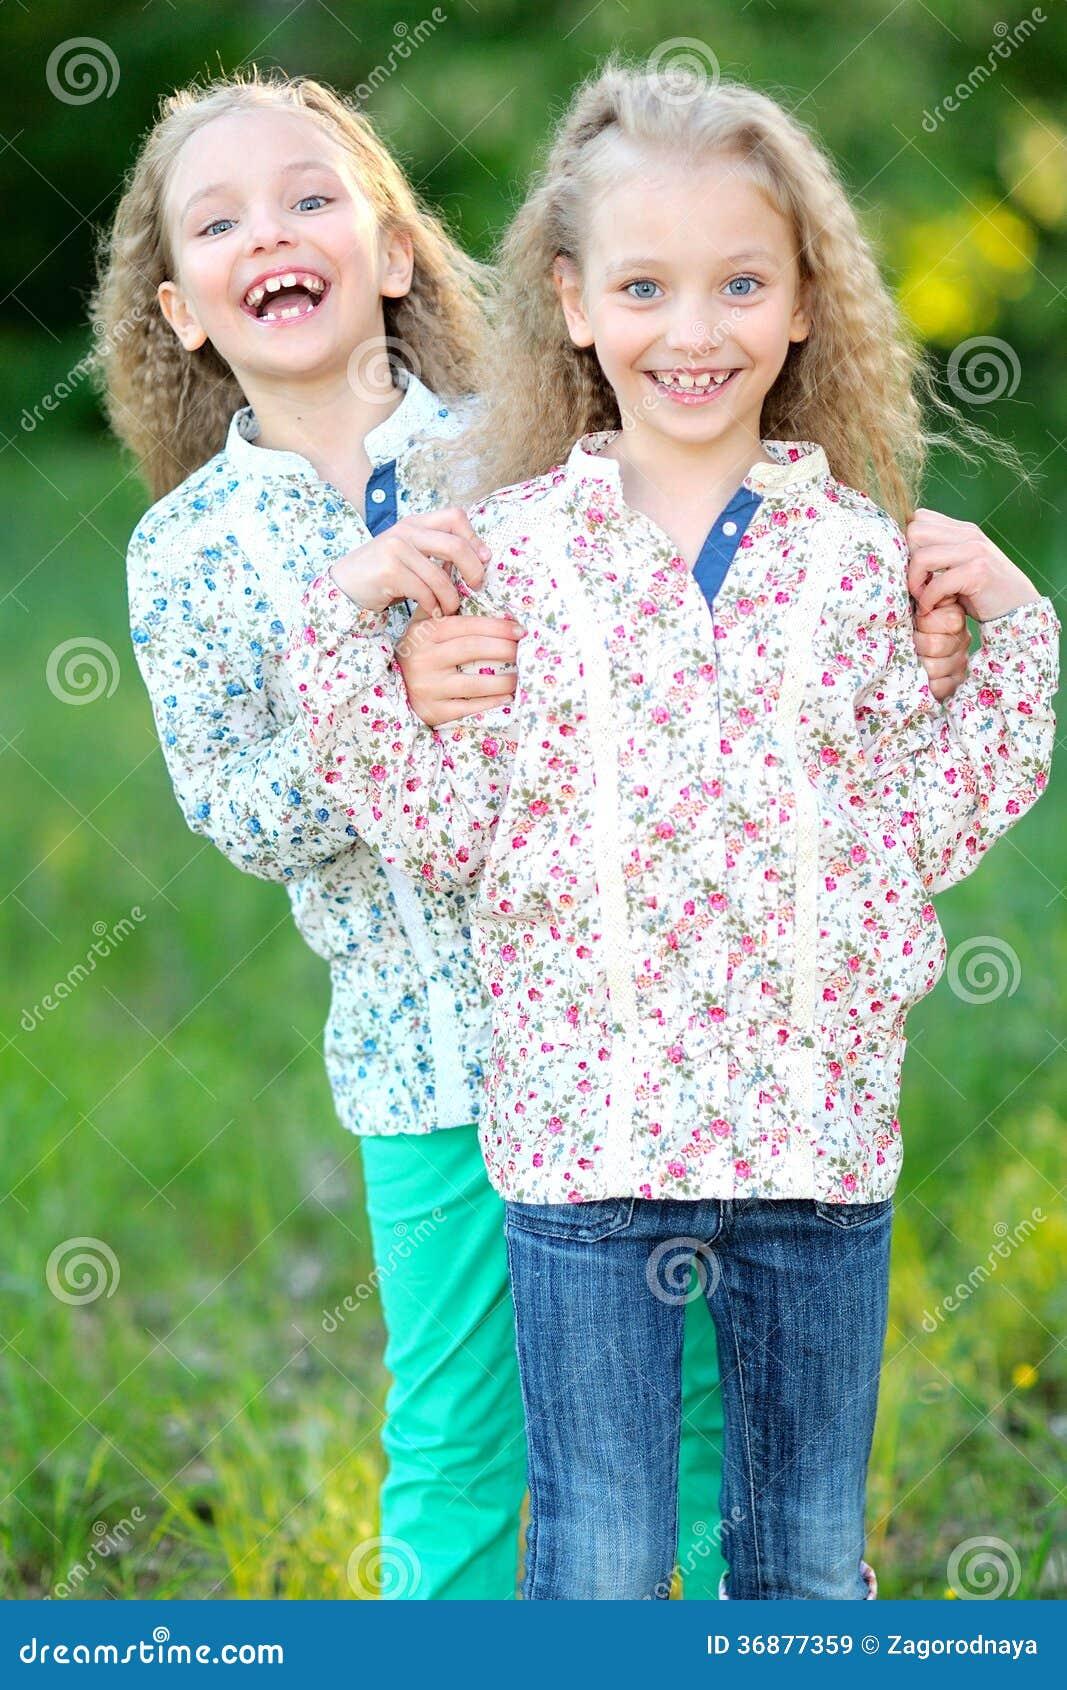 Download Un ritratto di due bambine immagine stock. Immagine di emozioni - 36877359